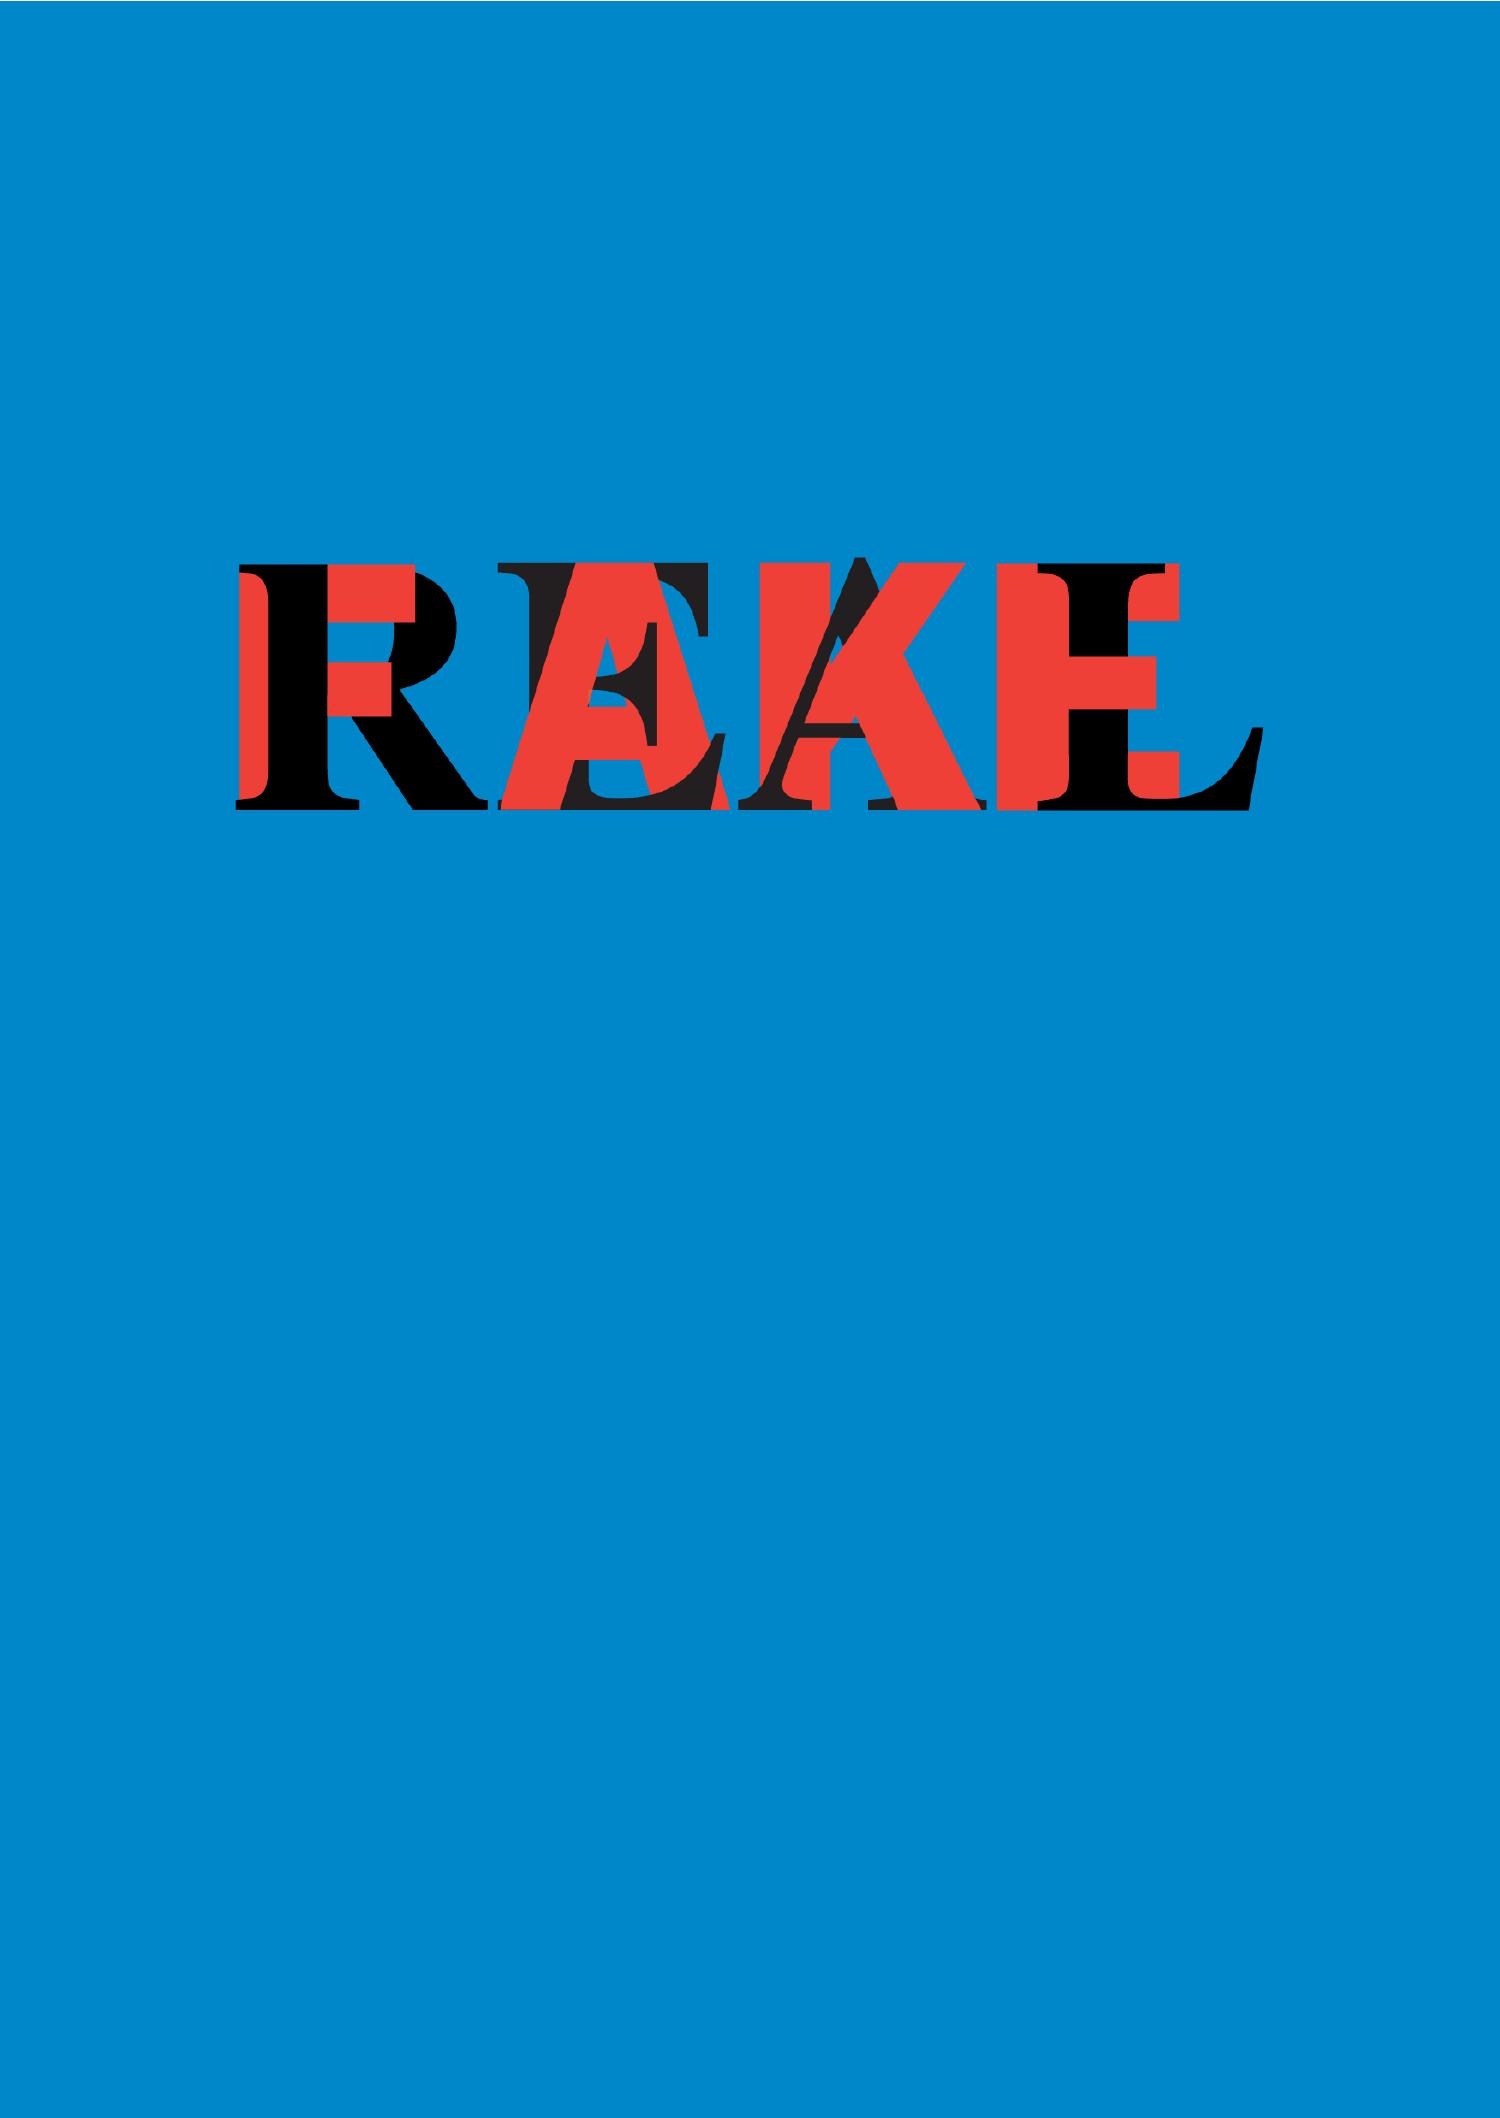 real fake-01.png